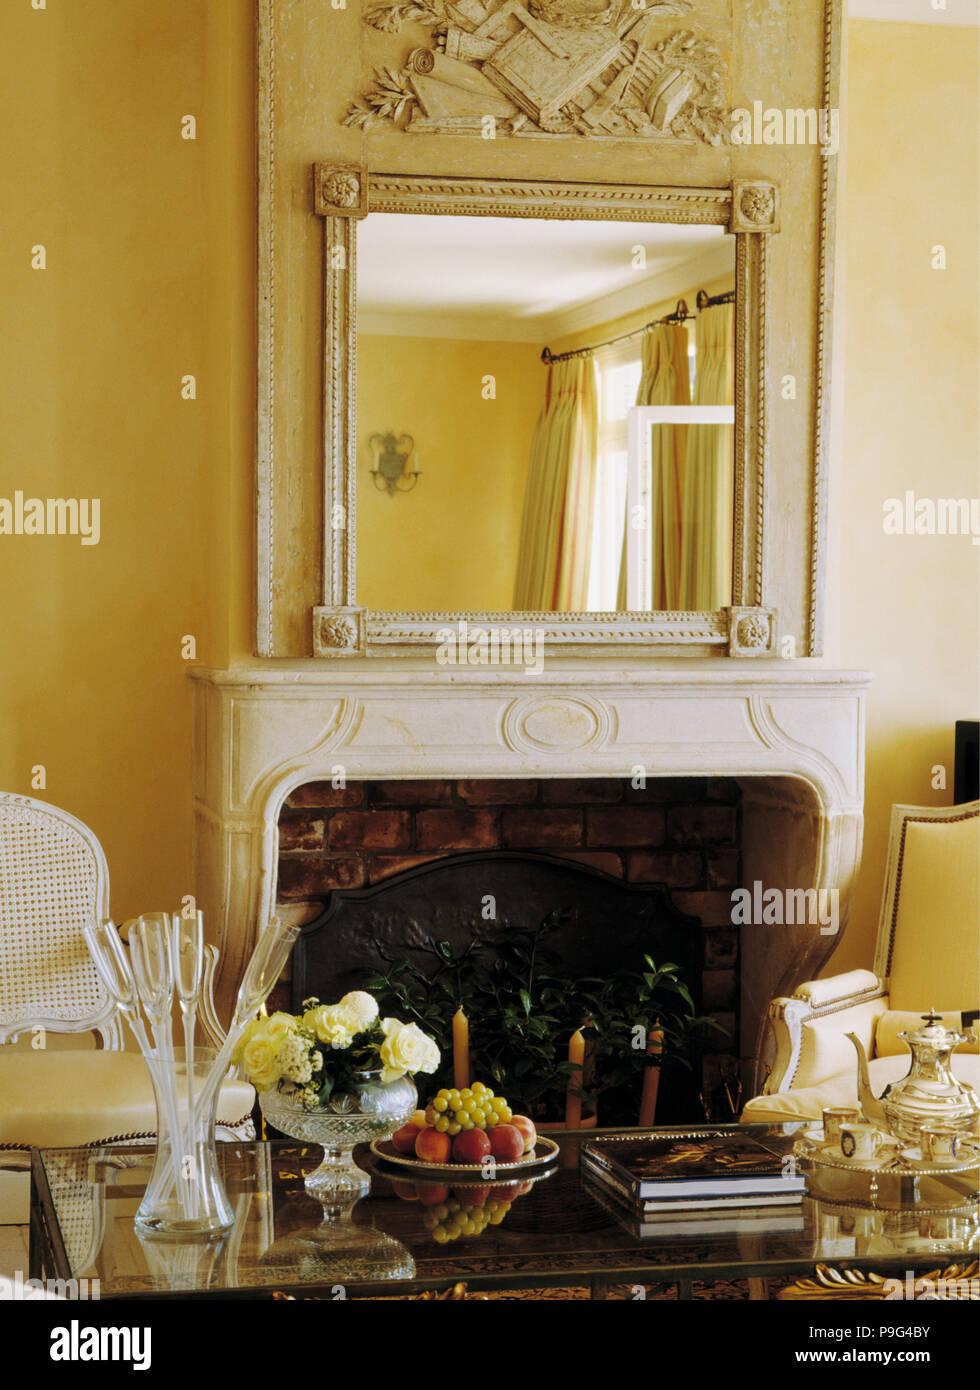 Ornato specchio sopra caminetto in marmo giallo in costiera francese ...